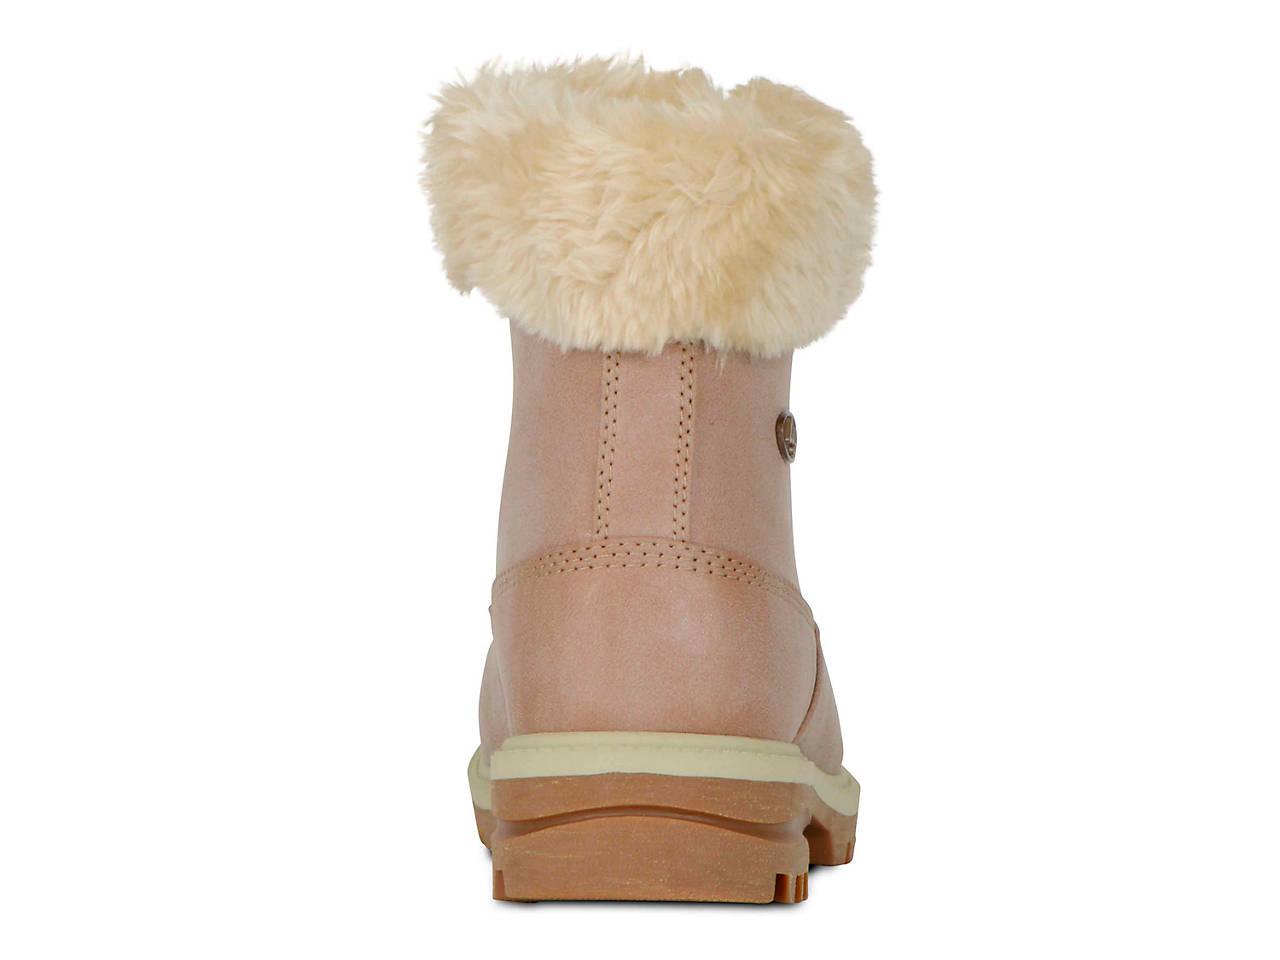 e6bfe2c5830 Lugz Empire Hi Bootie Women s Shoes